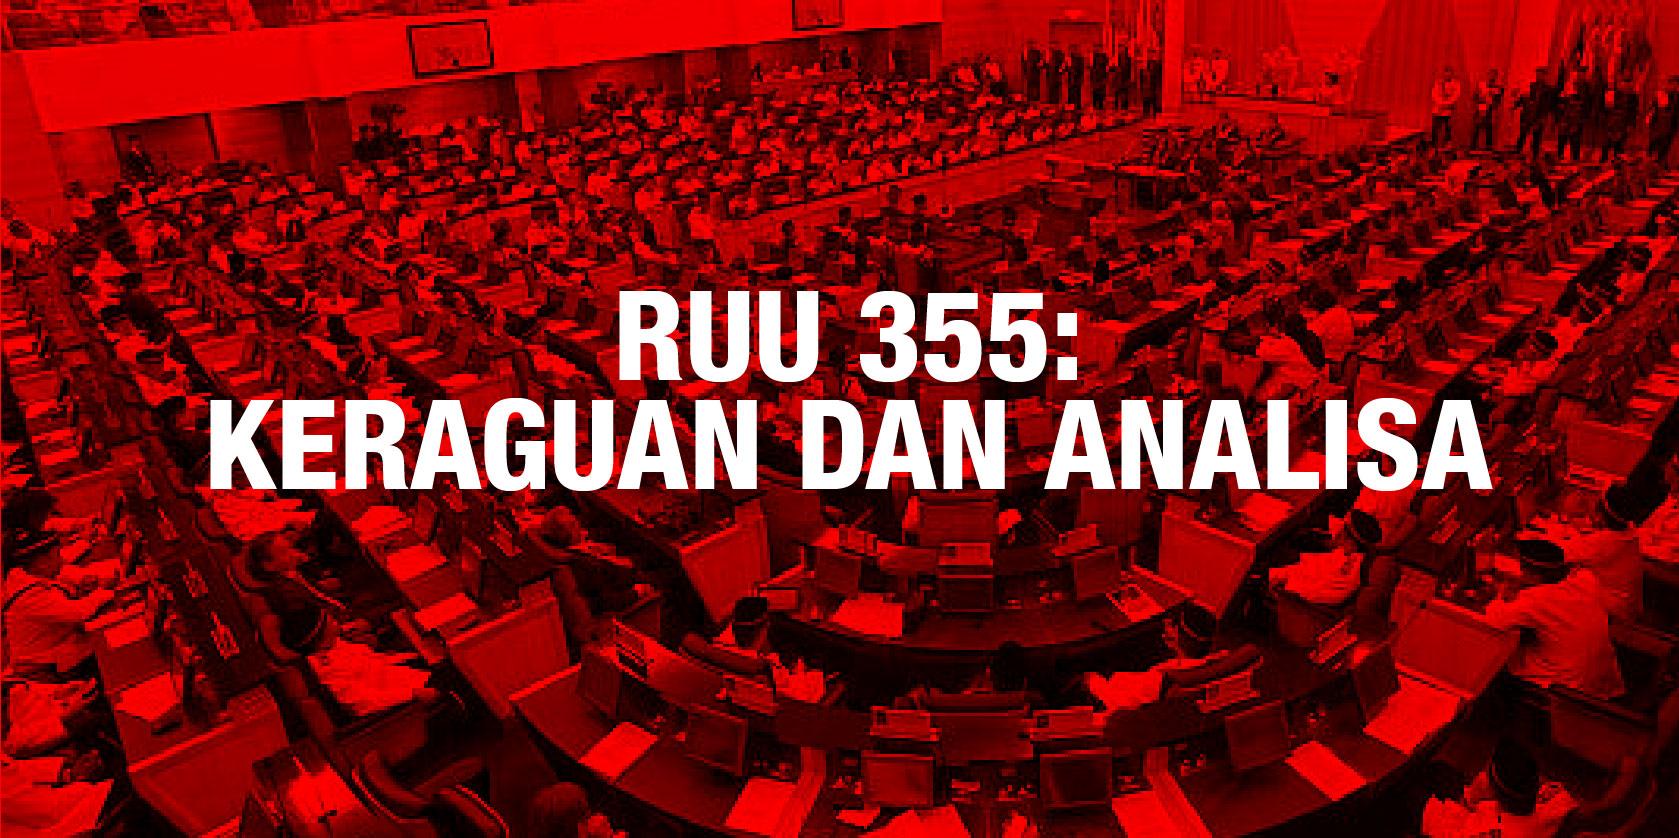 RUU 355